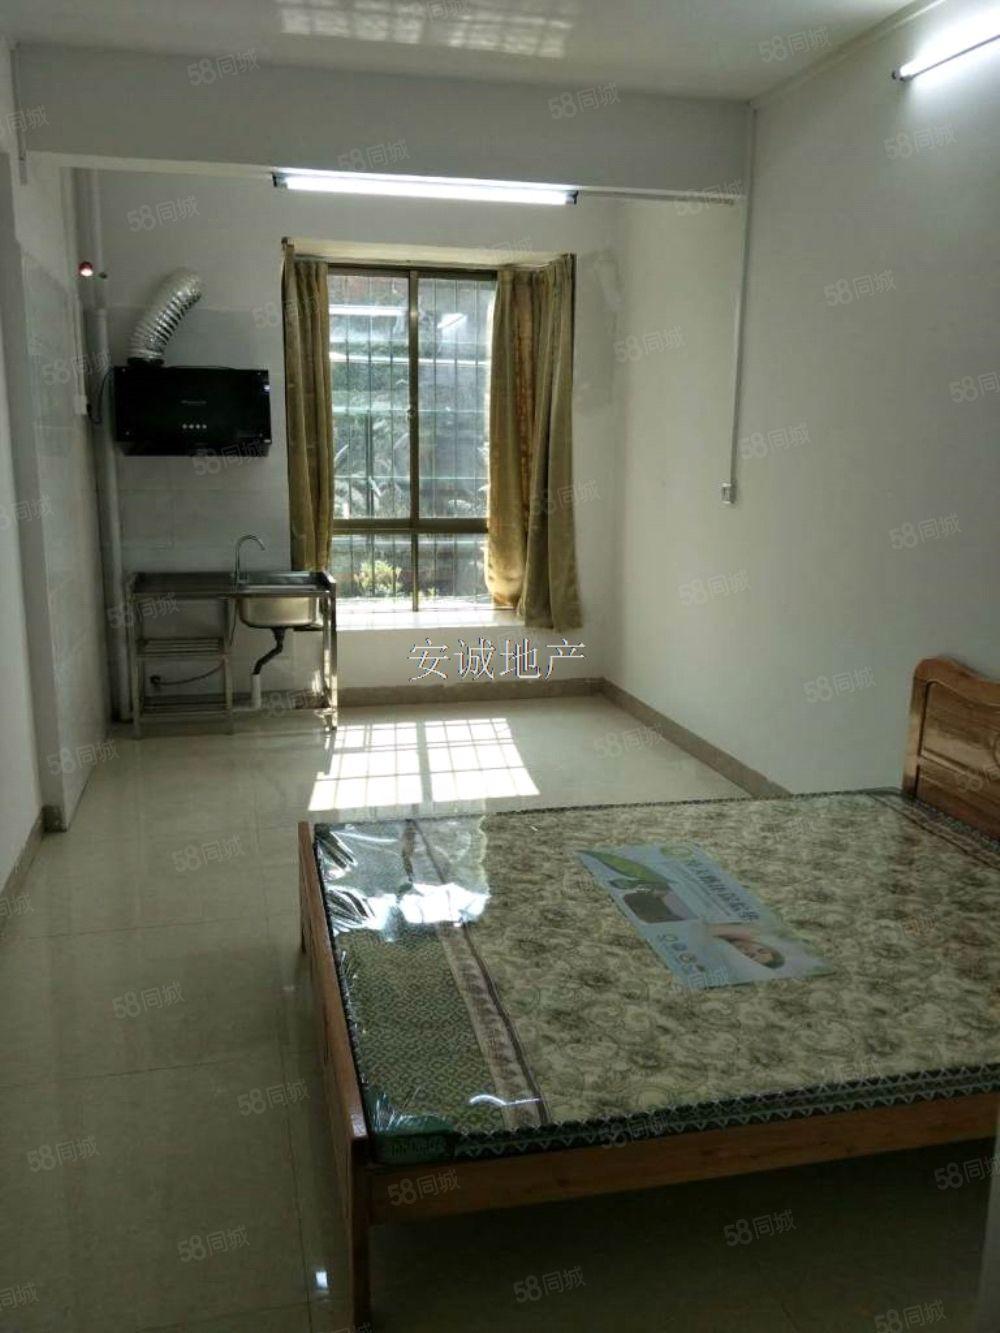 大单间私宅来的。就是床和热水器。在丰业新苑路口附近